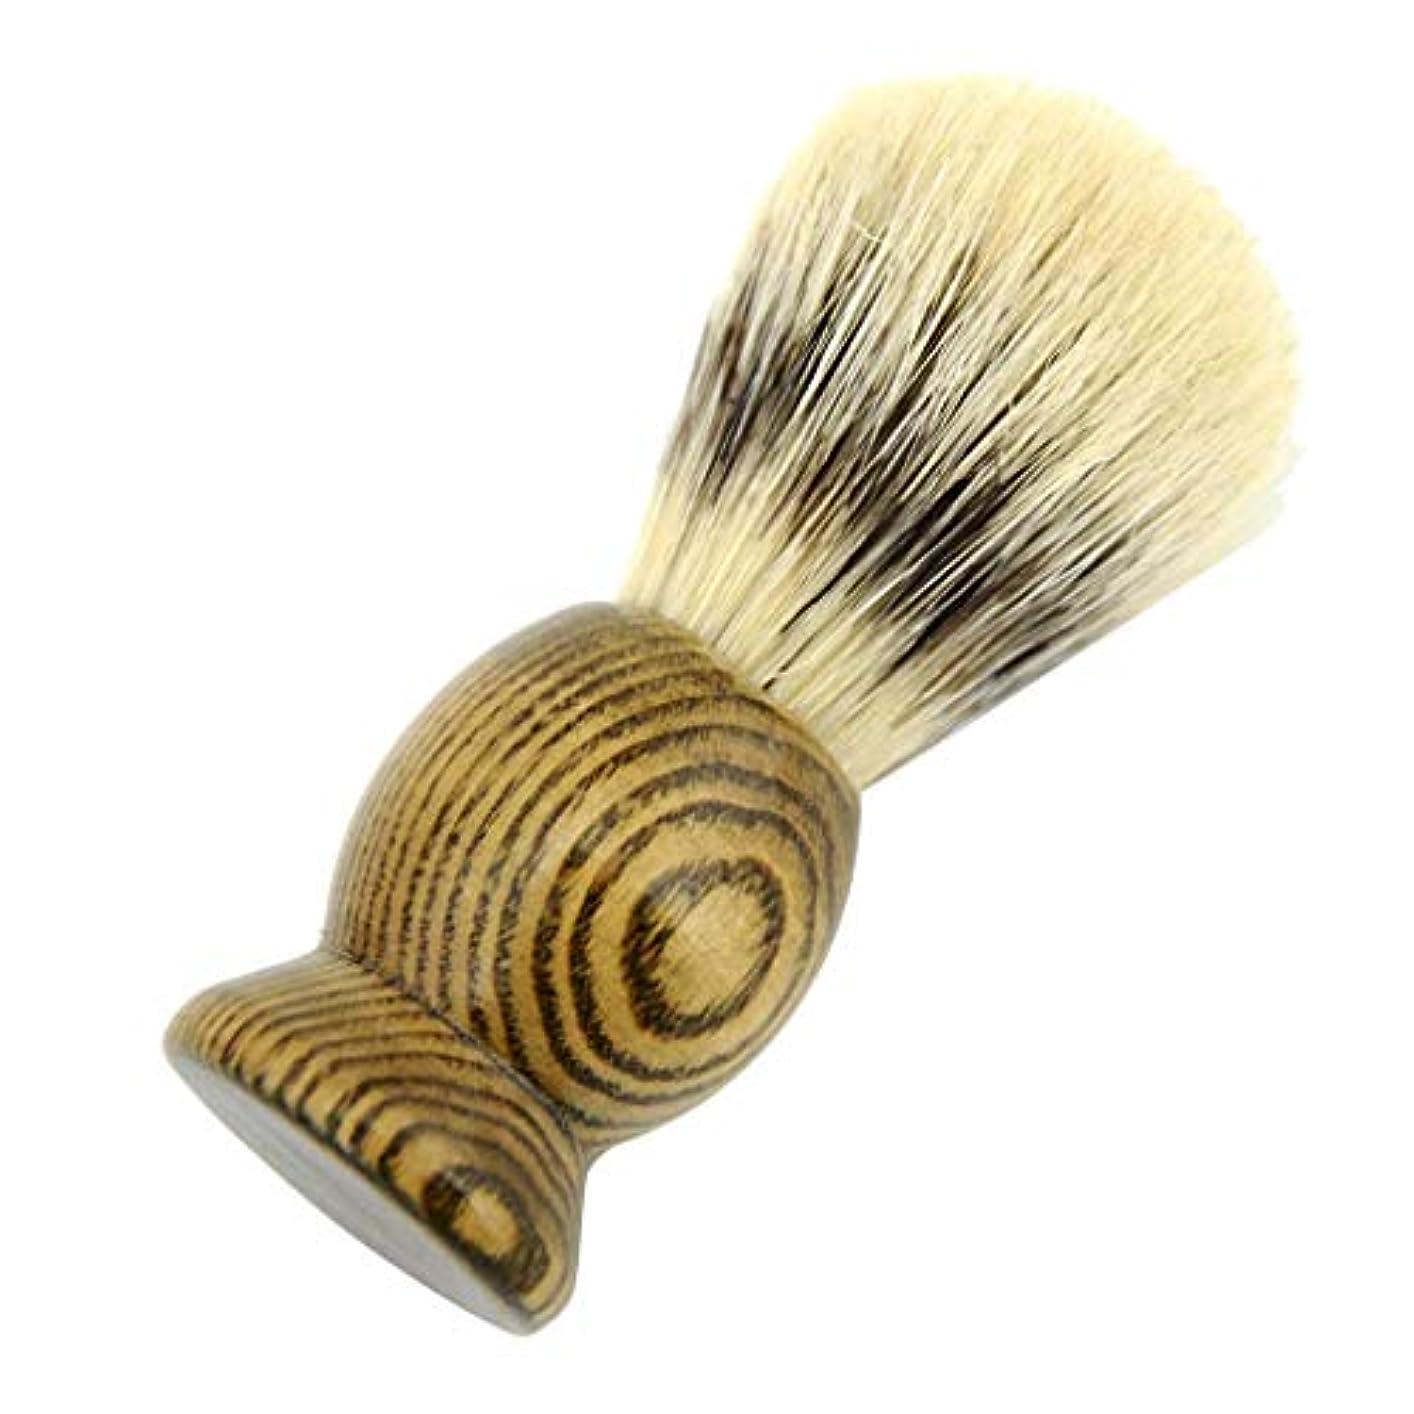 原点兄弟愛酔うひげブラシ メンズ シェービングブラシ 髭剃り 理容 洗顔 ポータブルひげ剃り美容ツール